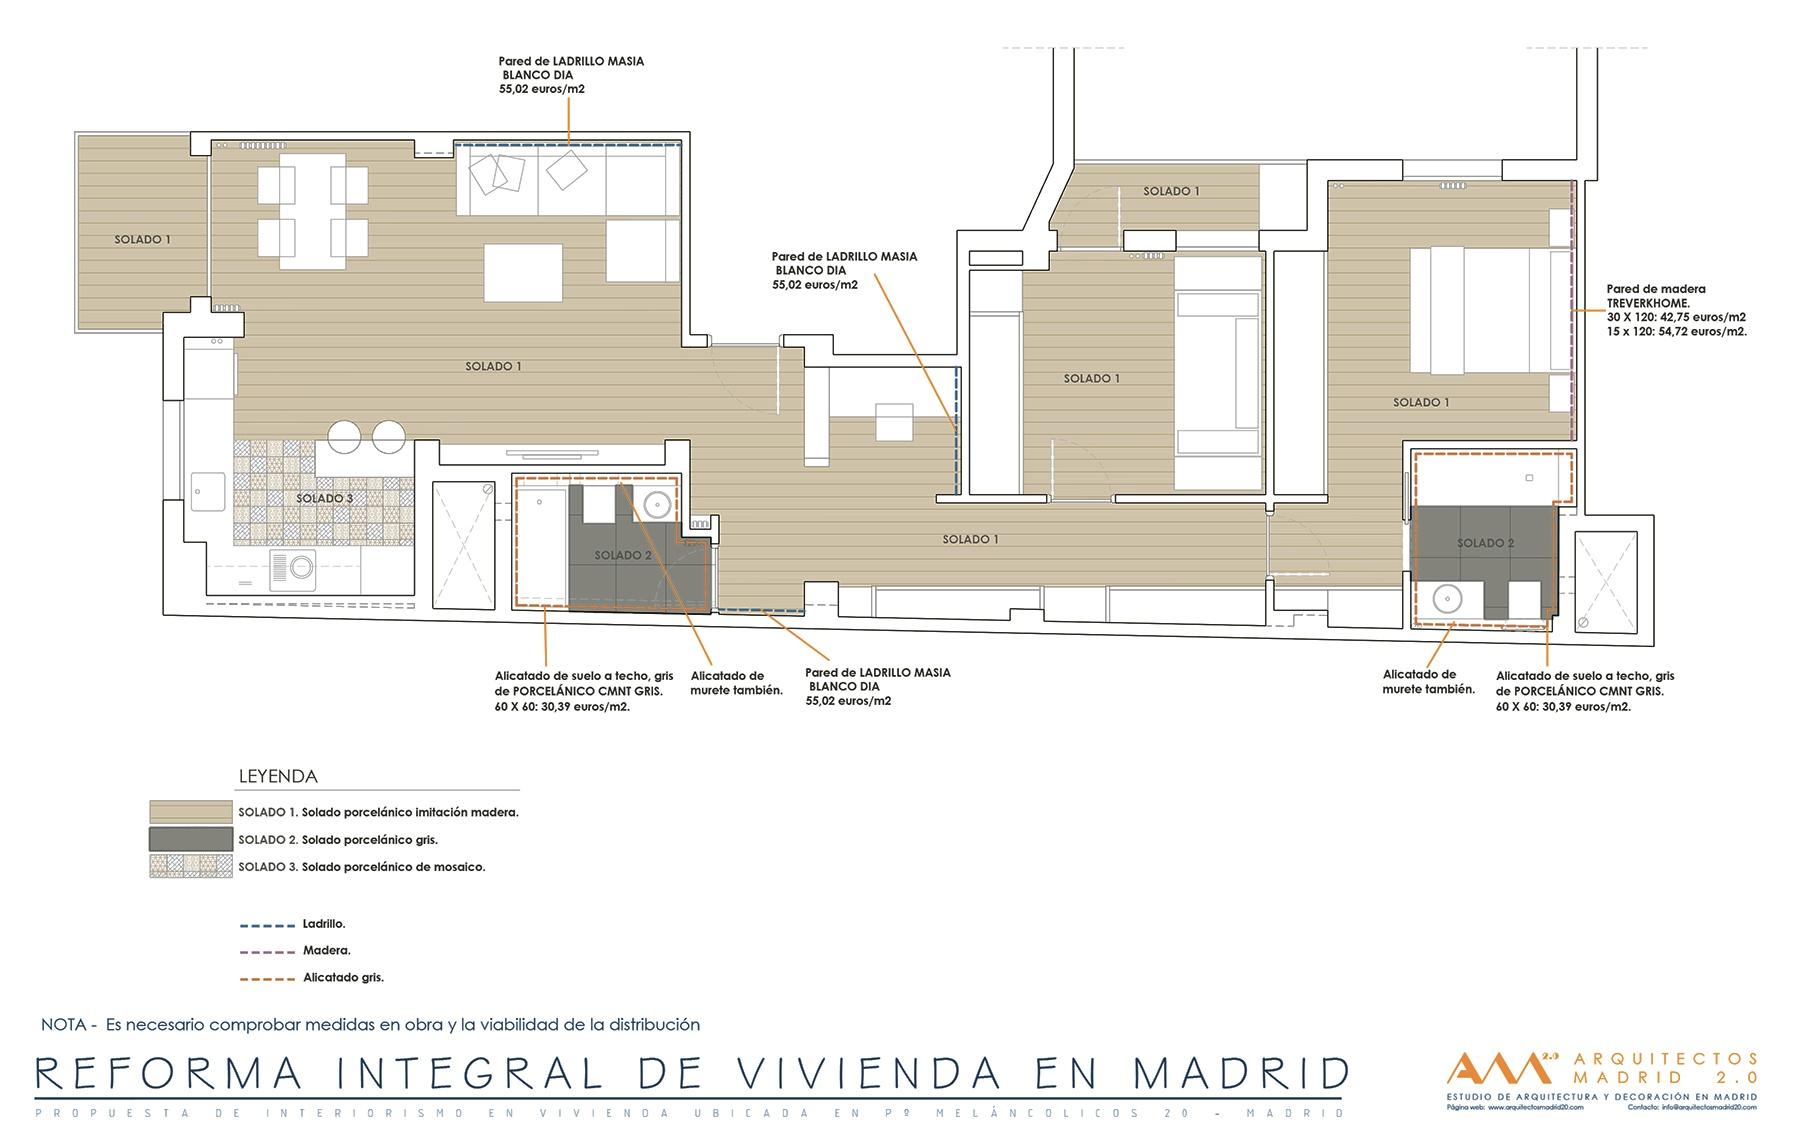 Reforma integral de vivienda en madrid r o por el estudio arquitectos madrid 2 0 - Reforma vivienda madrid ...